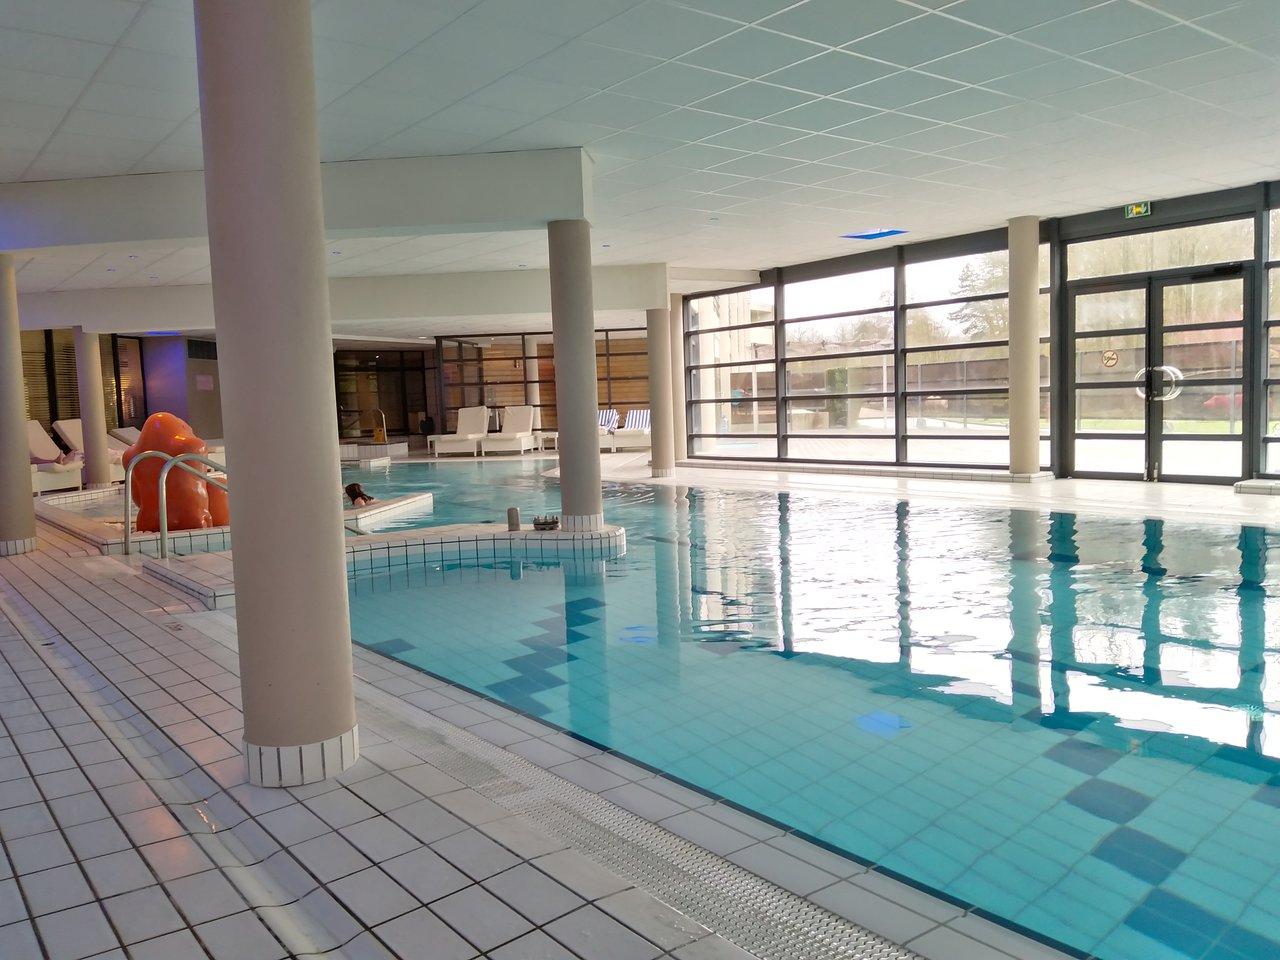 Forges Hotel (Forges-Les-Eaux) : Tarifs 2020 Mis À Jour, 1 ... dedans Piscine Forges Les Eaux